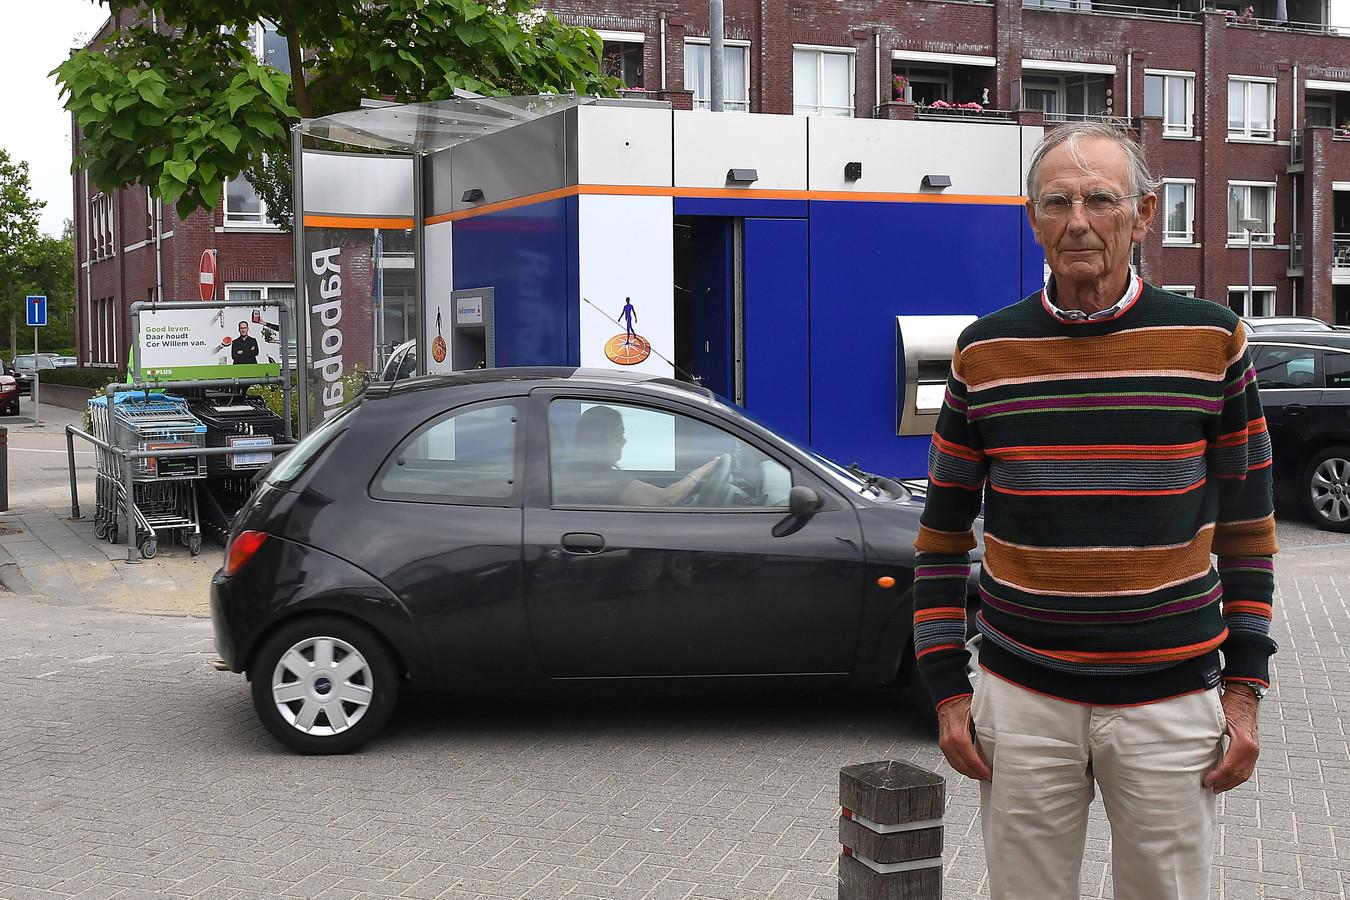 Ton Theunissen bij de tijdelijke pinautomaat op het Maldense Noordplein. De angst voor een overval met explosieven is groot.